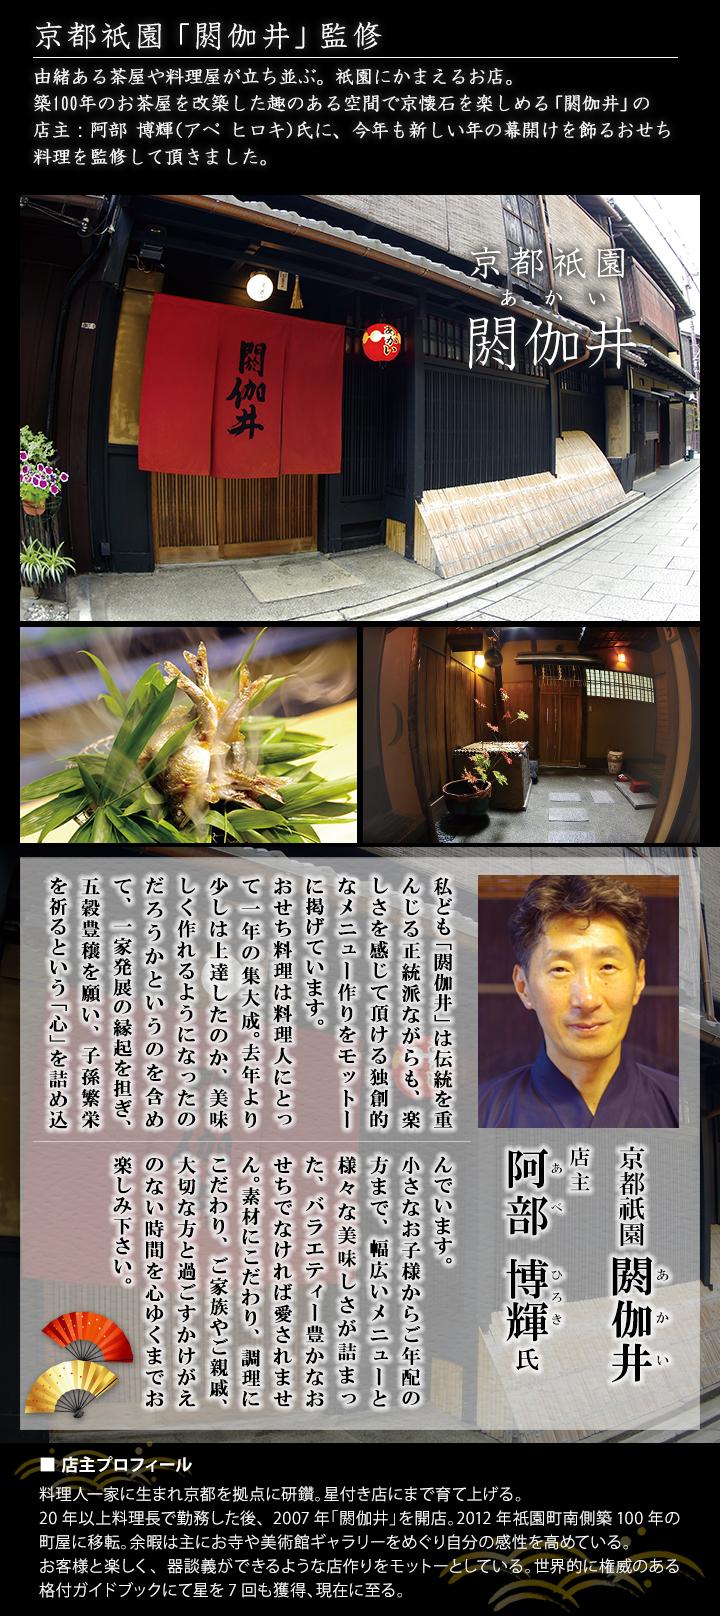 日本料理店「閼伽井(あかい)」監修、豪華おせち